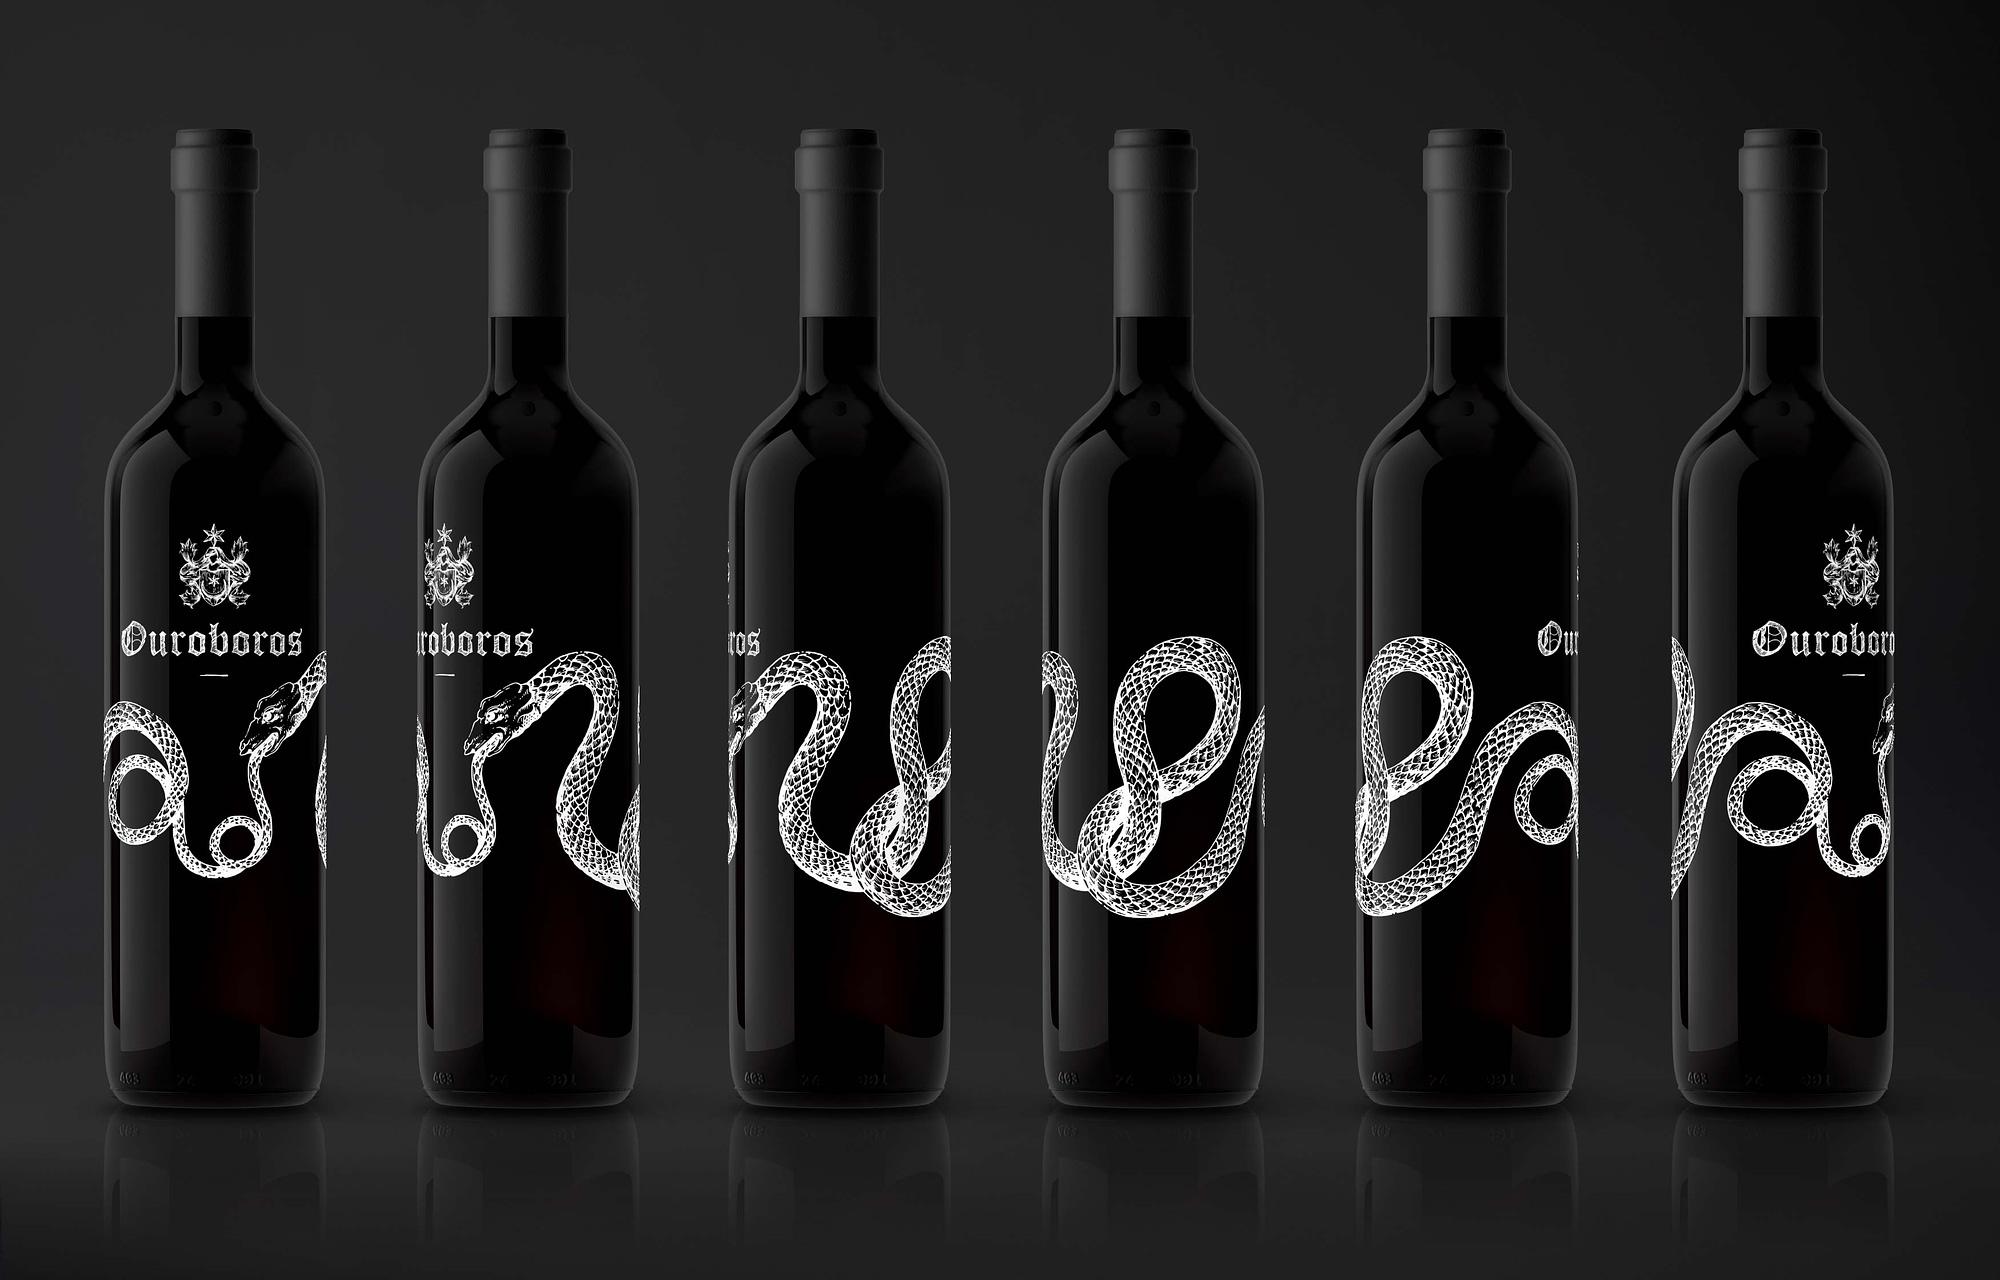 """Étiquette de vin """"Ouroboros"""" pour le Domaine des Rothis réalisé par TMKL en collaboration avec Spinnaker Communication"""